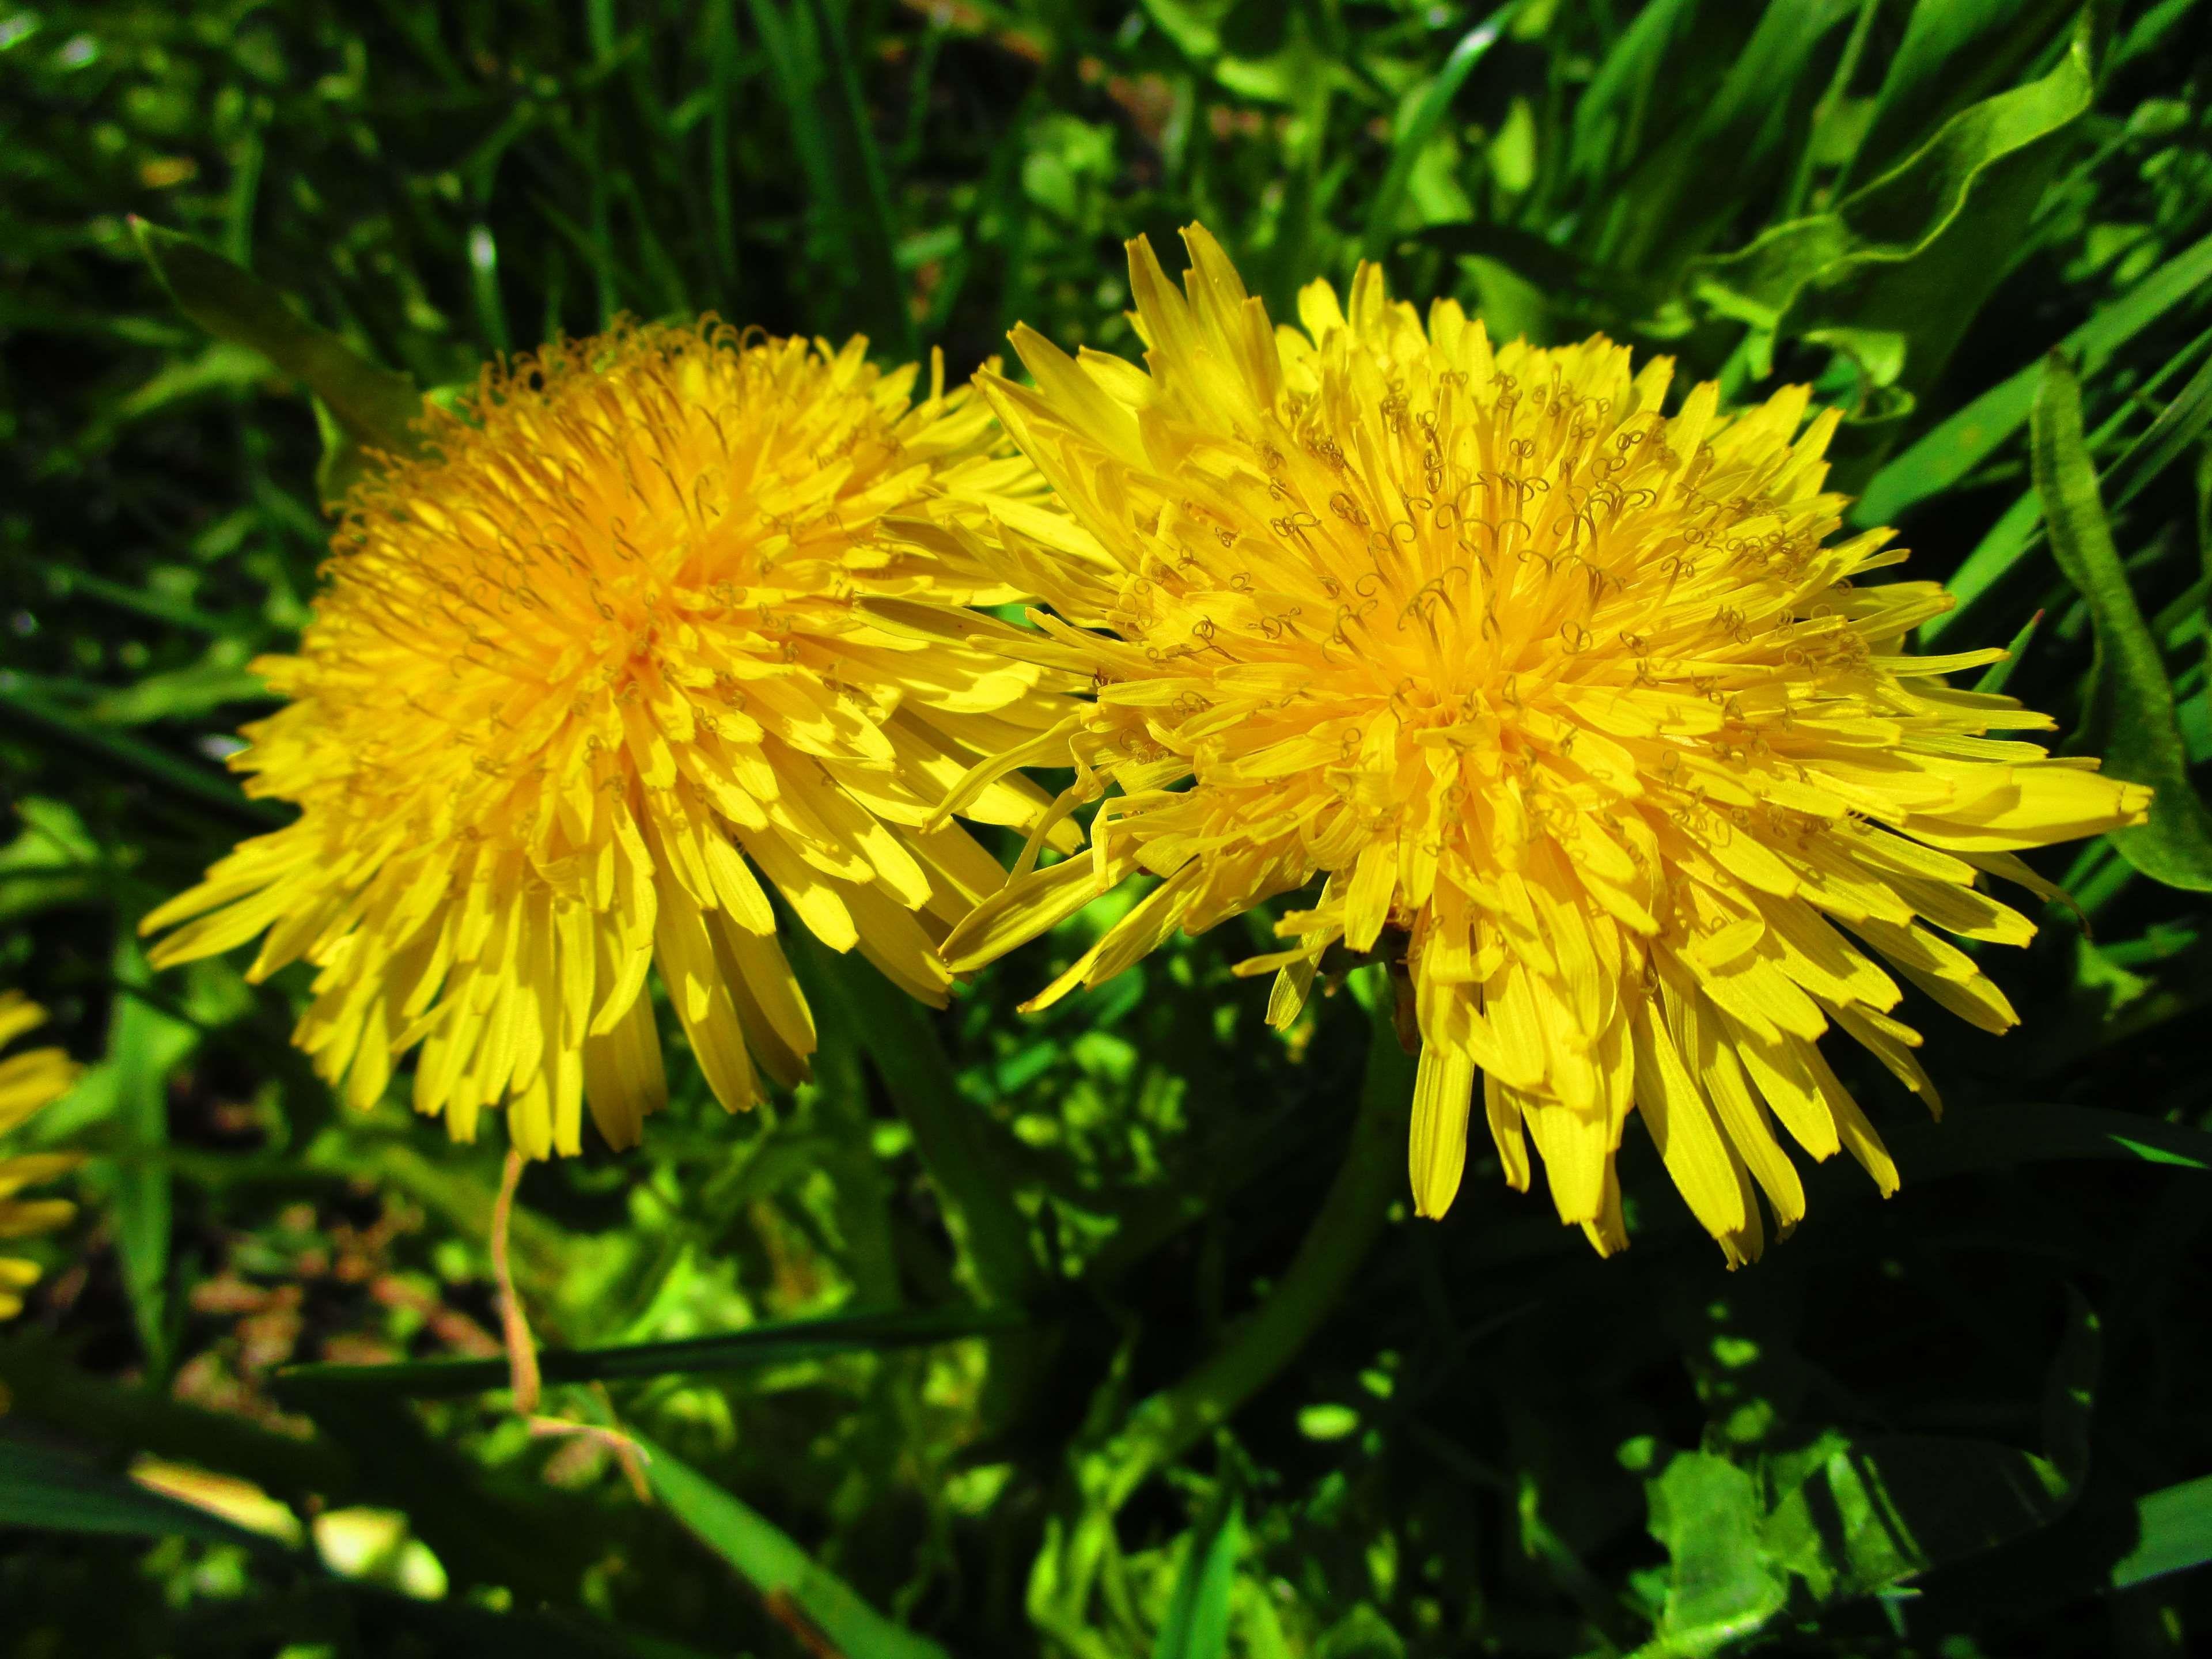 Bloom Blossom Close Dadolion Dandelion Flower Garden Green